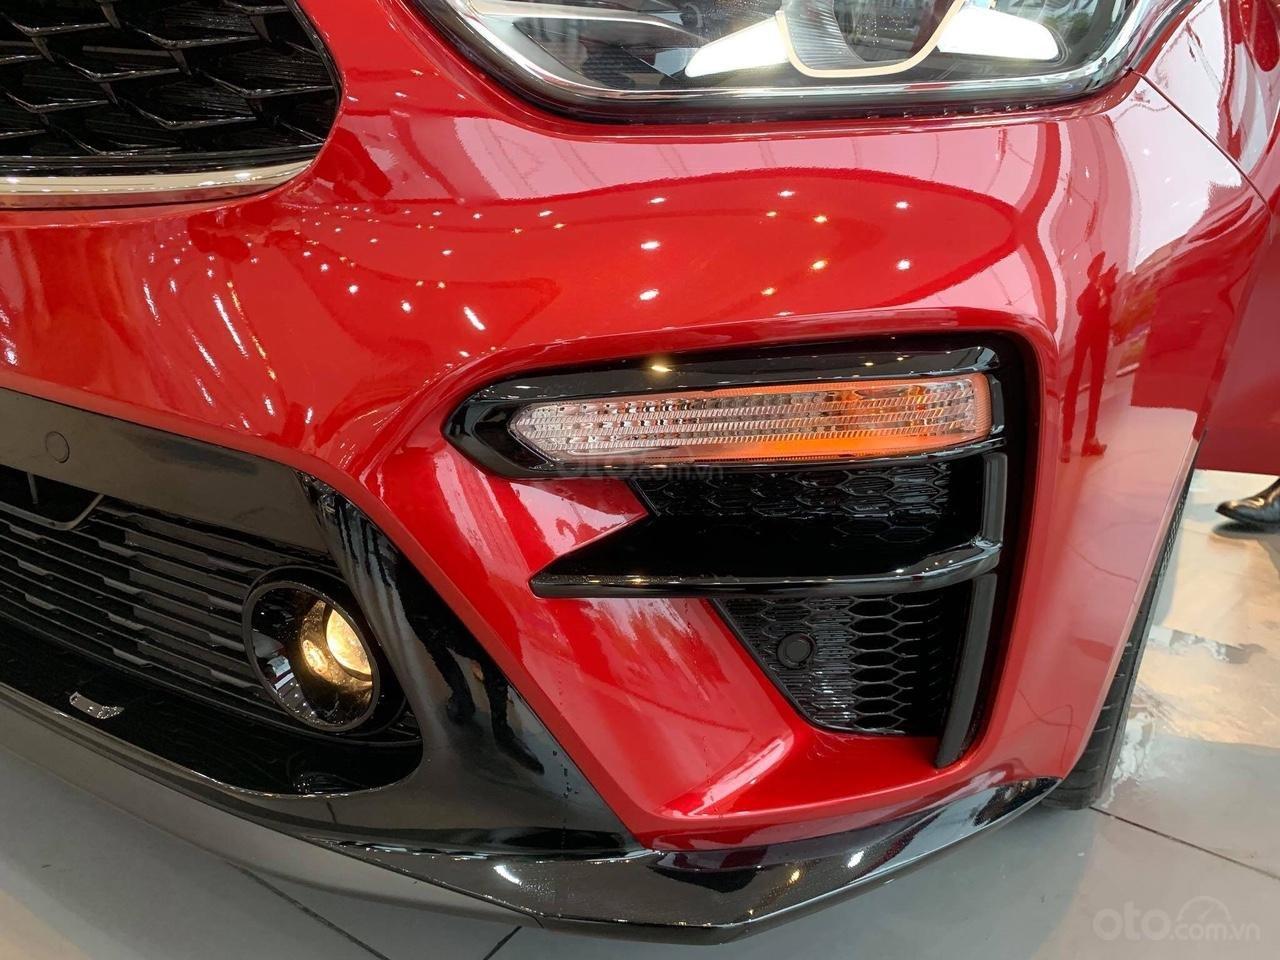 Kia Cerato 2019 nhiều ưu đãi, đủ màu, xe có sẵn và giao ngay, hỗ trợ trả góp 90%, liên hệ 093 317 0660-8